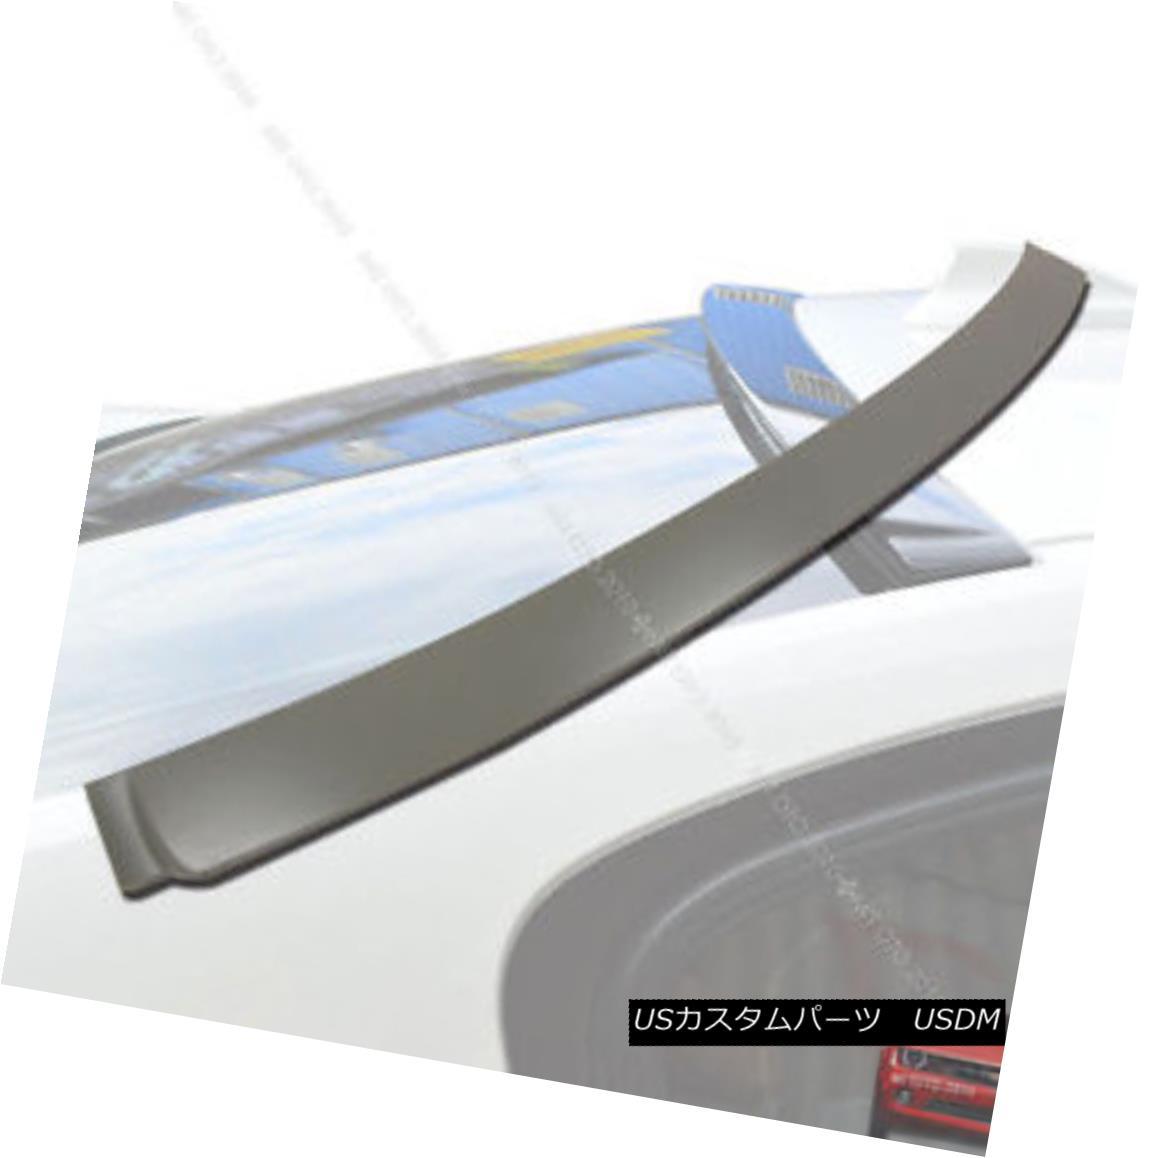 エアロパーツ Unpainted 4DR A-Type Rear Roof Spoiler for BMW F80 M3 Model 2014+ § BMW F80 M3モデル2014+用未塗装4DR A型リアルーフスポイラー